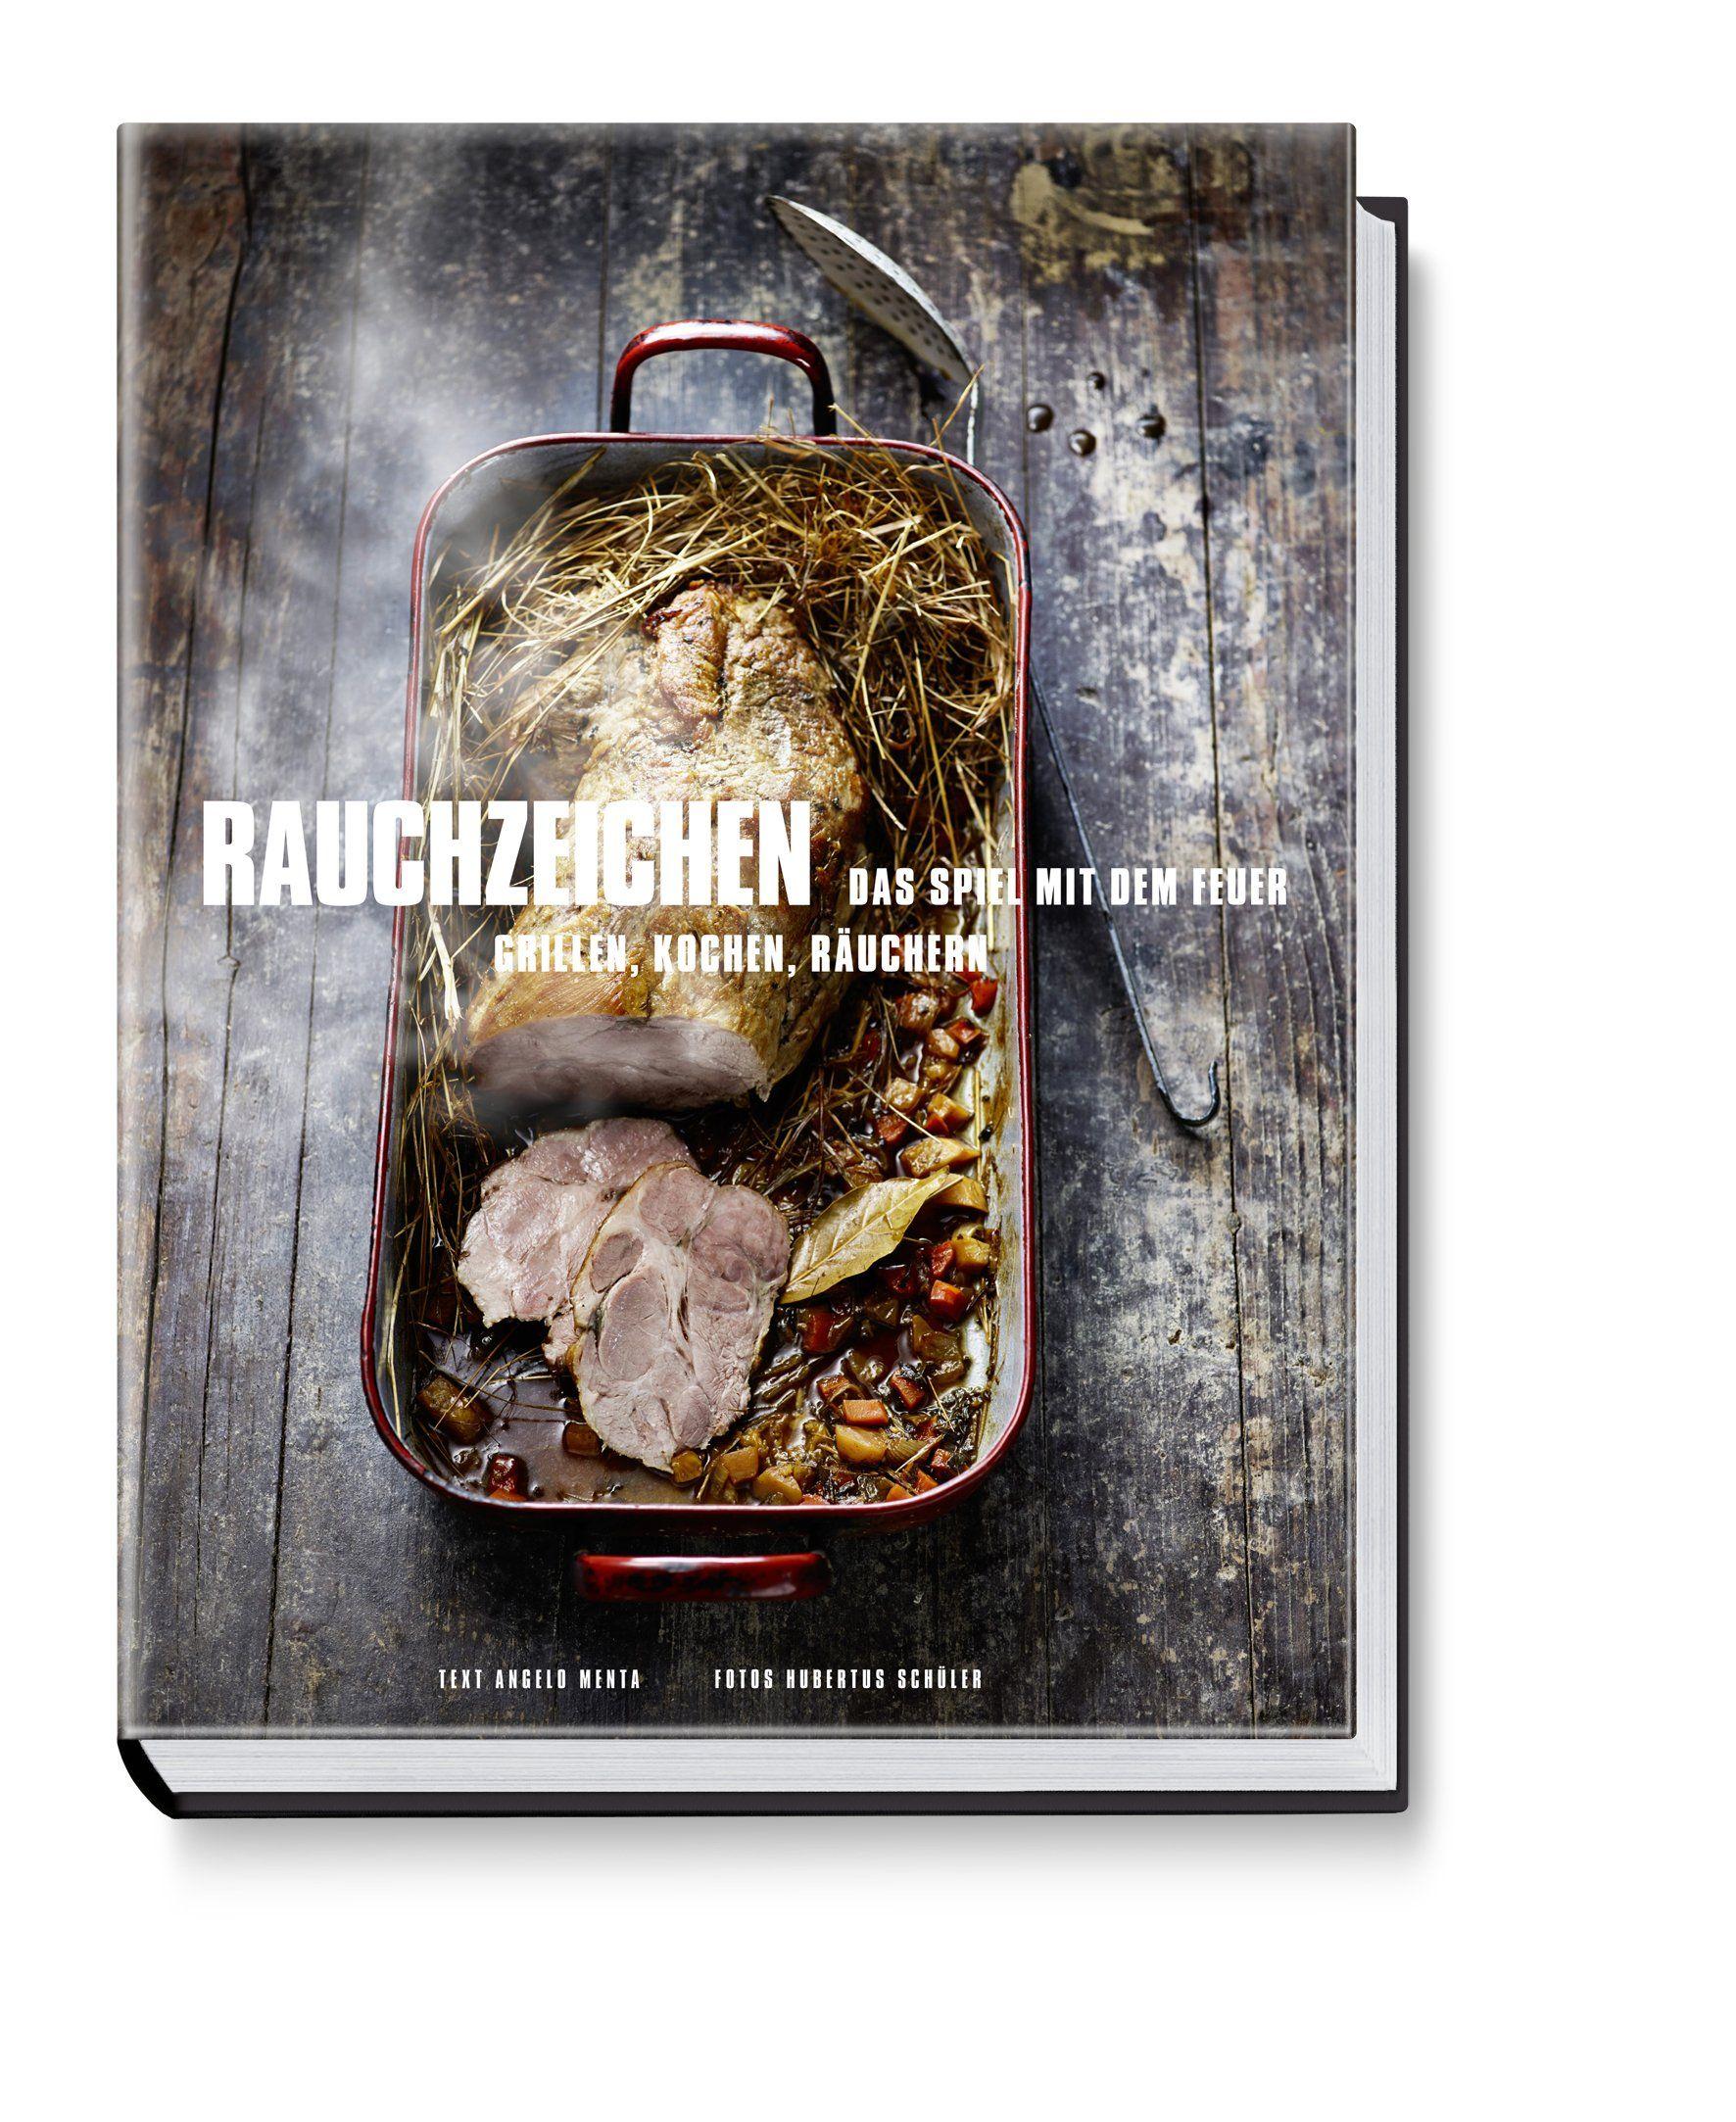 Rauchzeichen - Das Spiel mit dem Feuer: grillen, kochen, räuchern: Amazon.de: Angelo Menta, Hubertus Schüler (Fotograf): Bücher